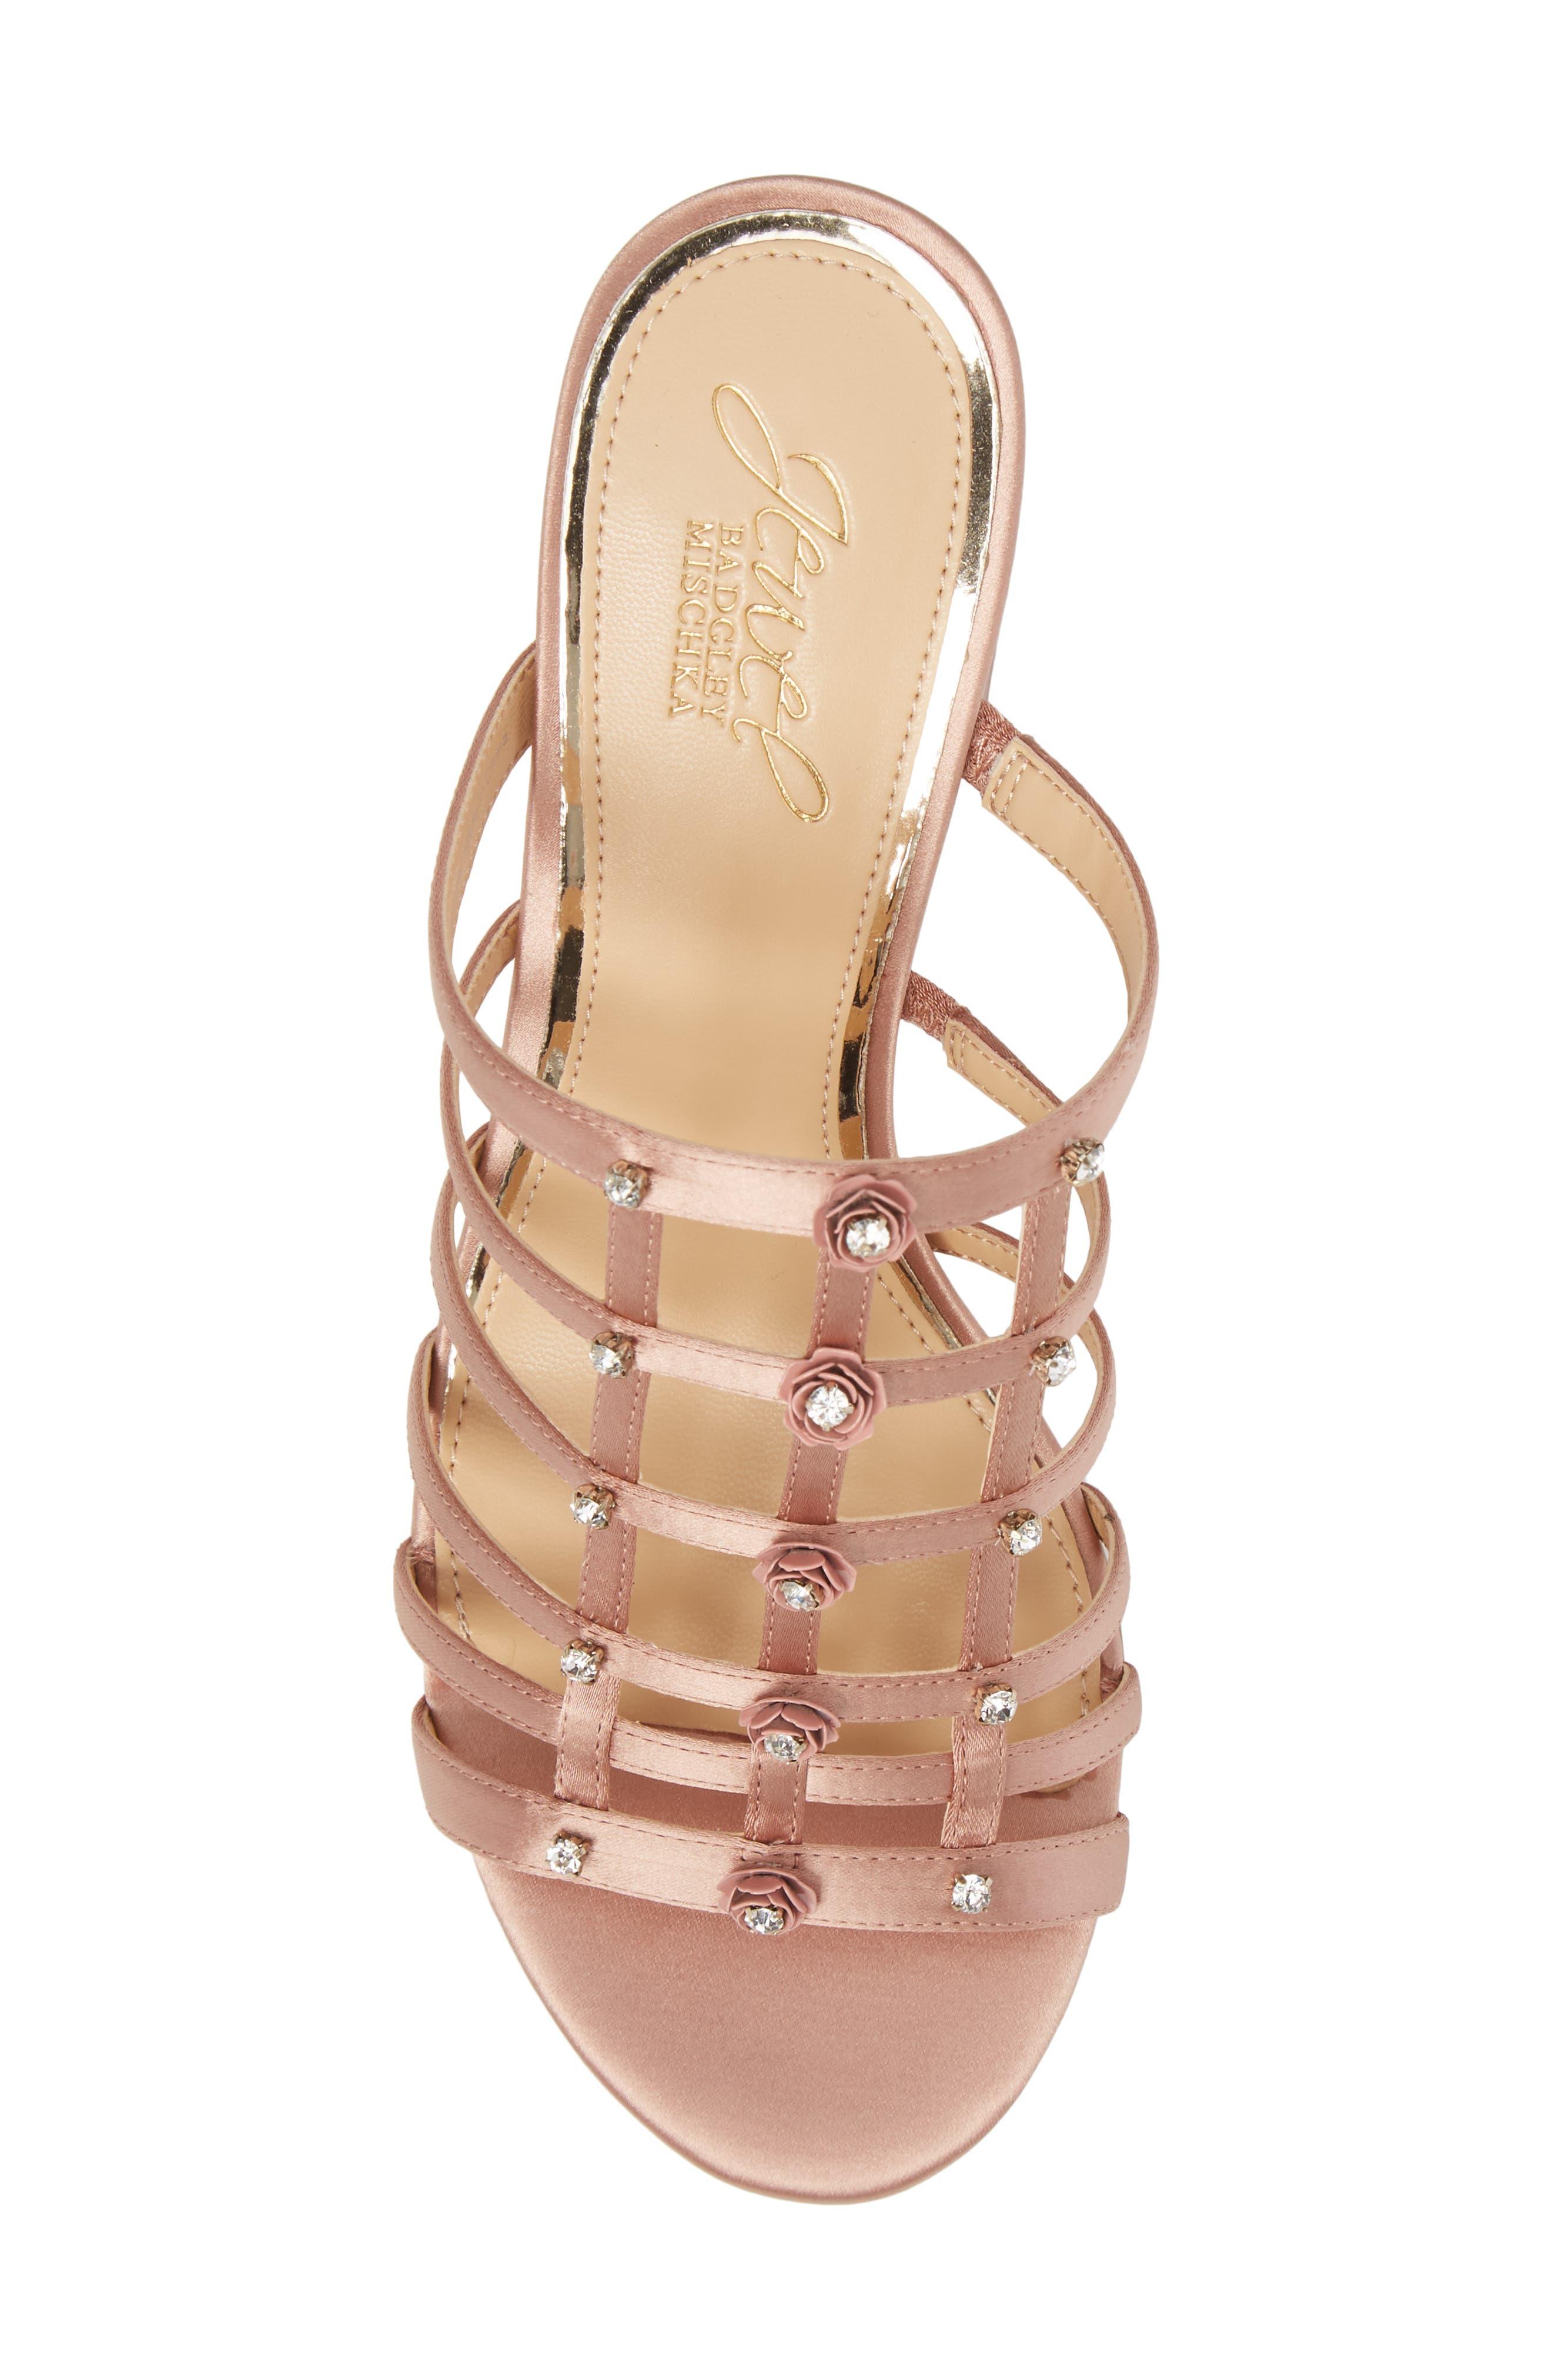 Thorne Crystal Rose Embellished Slide Sandal,                             Alternate thumbnail 5, color,                             Dark Blush Satin